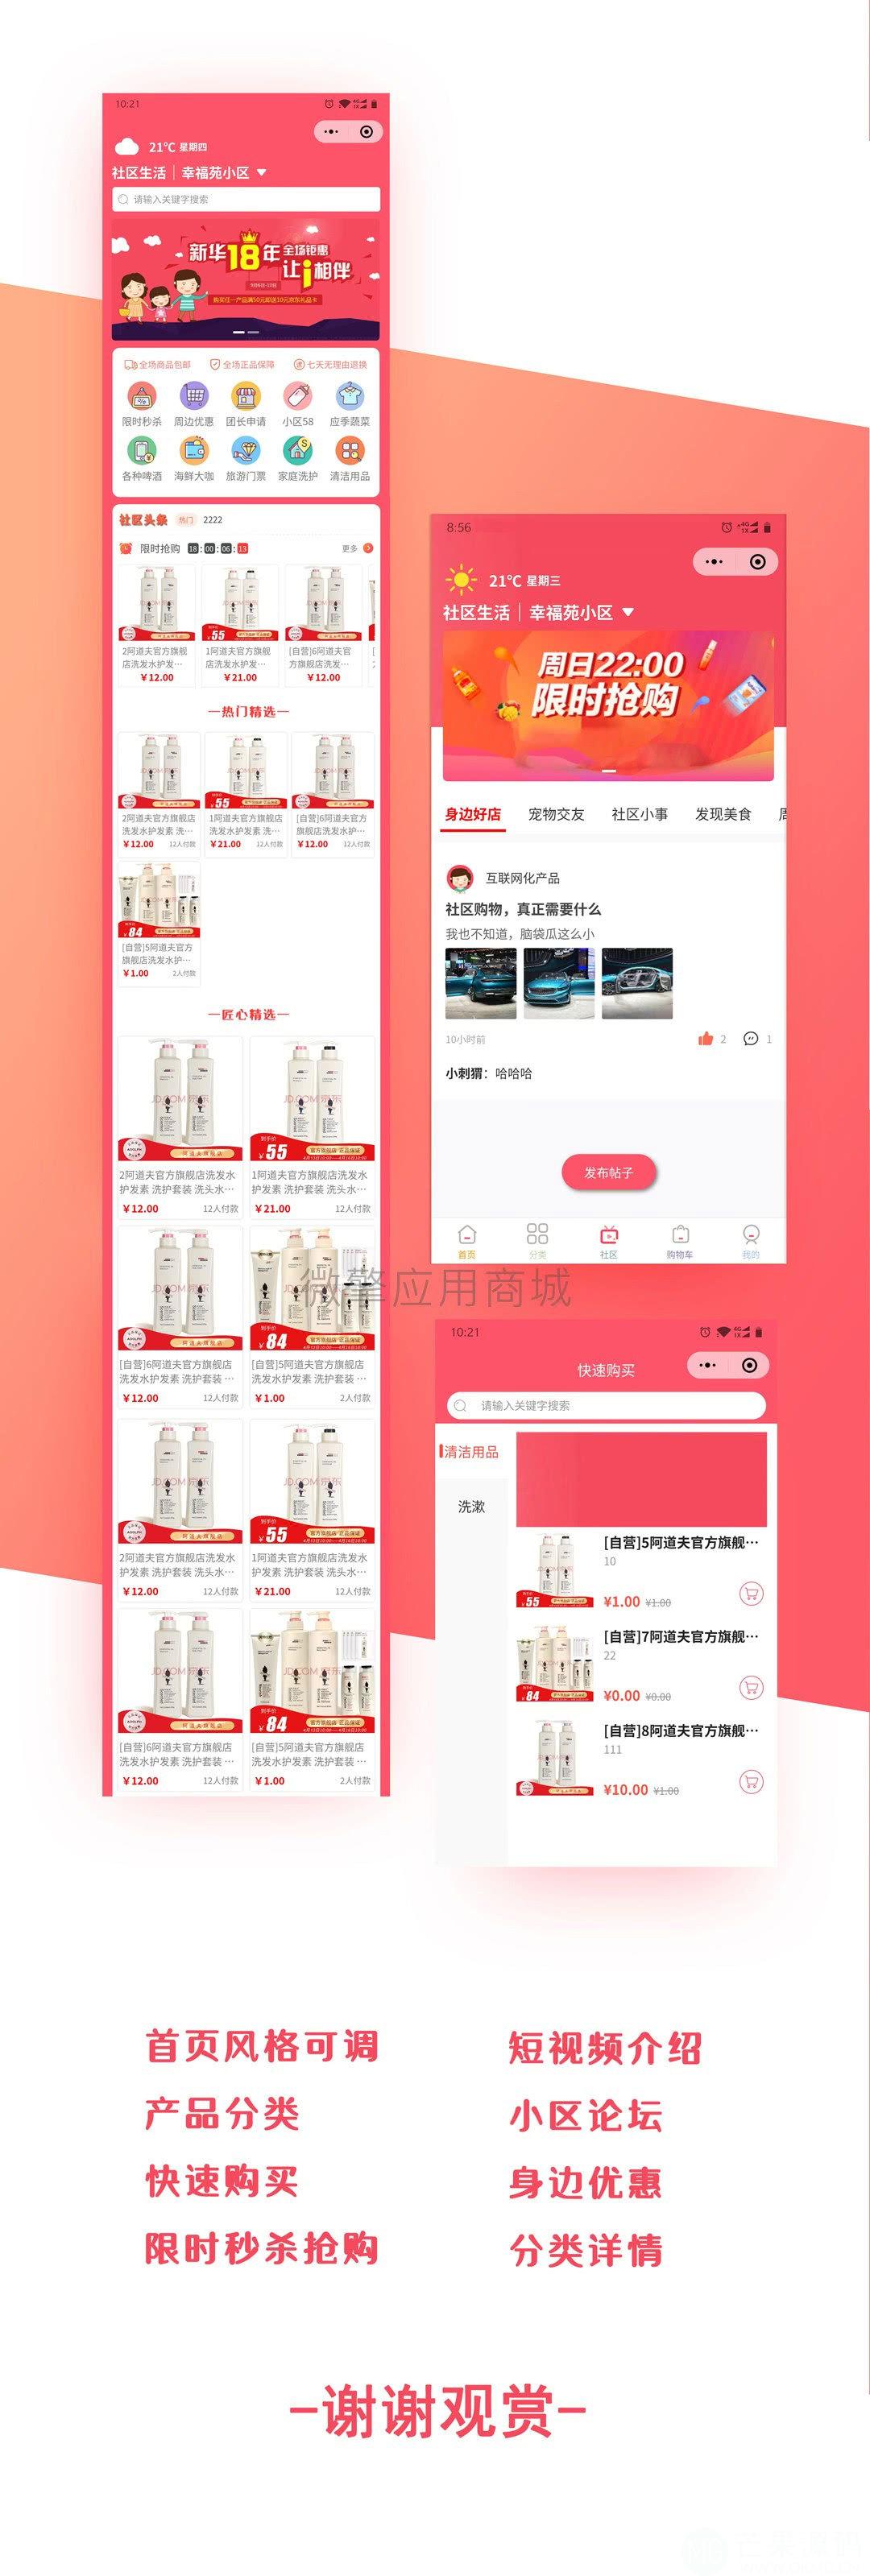 奇店社群社区团购 V4.7.6安装更新包 微信小程序